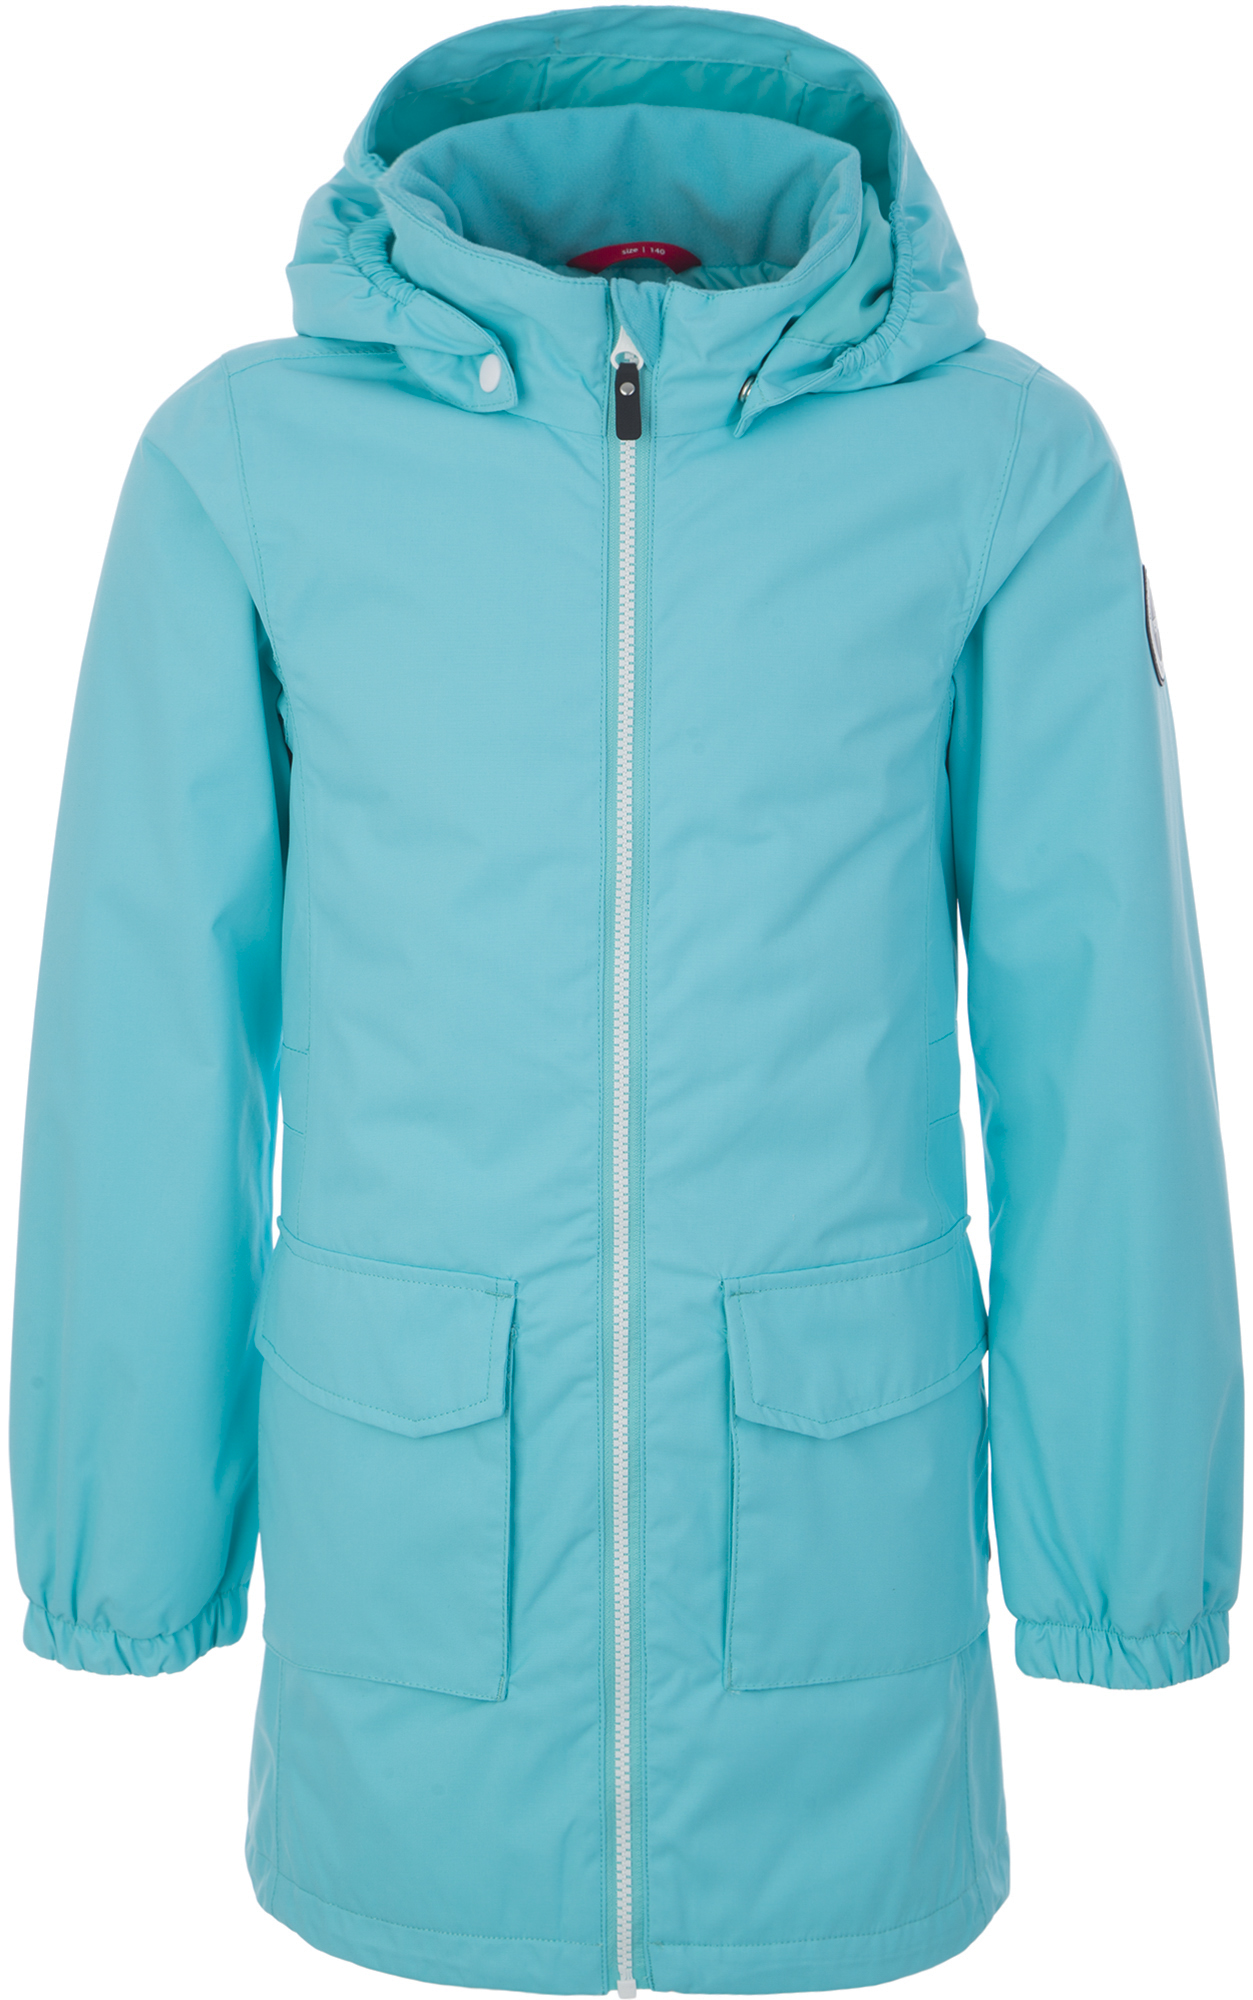 Reima Куртка утепленная для девочек Reima Satama, размер 134